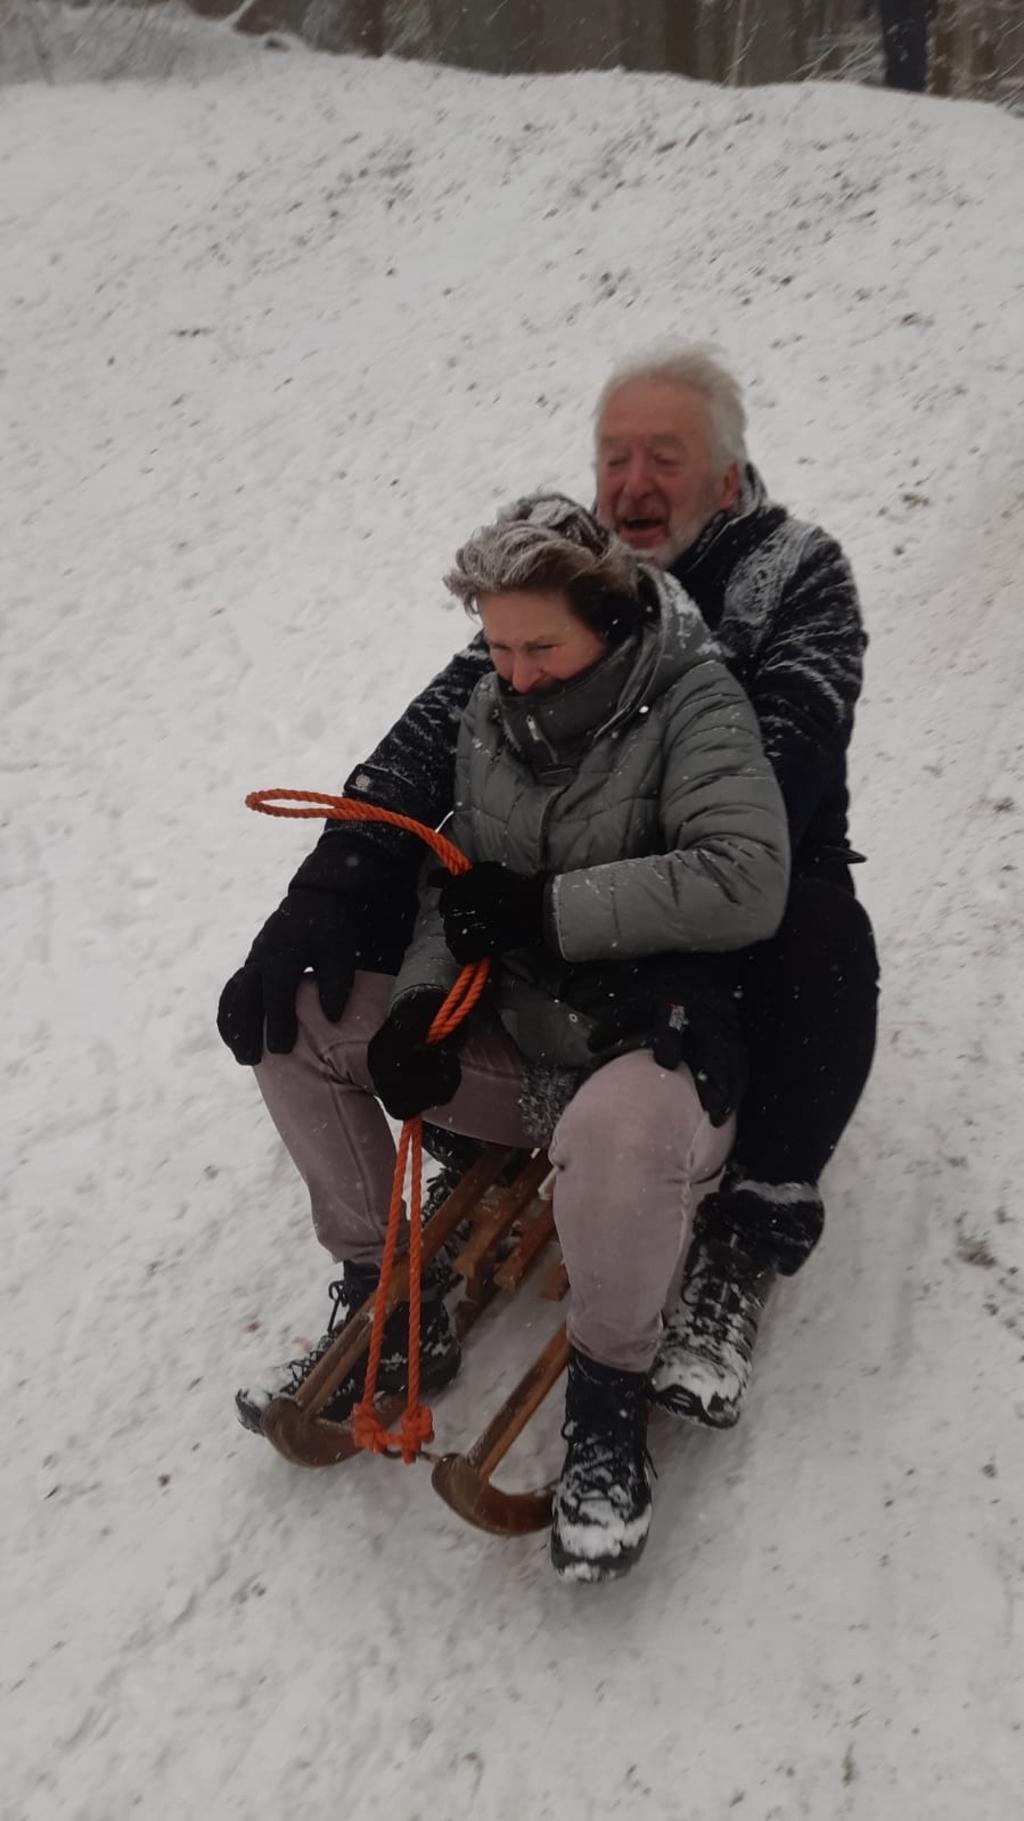 Werner en Anita van Katwijk in 't Wolvengat Leersum. Anita van Katwijk © BDU